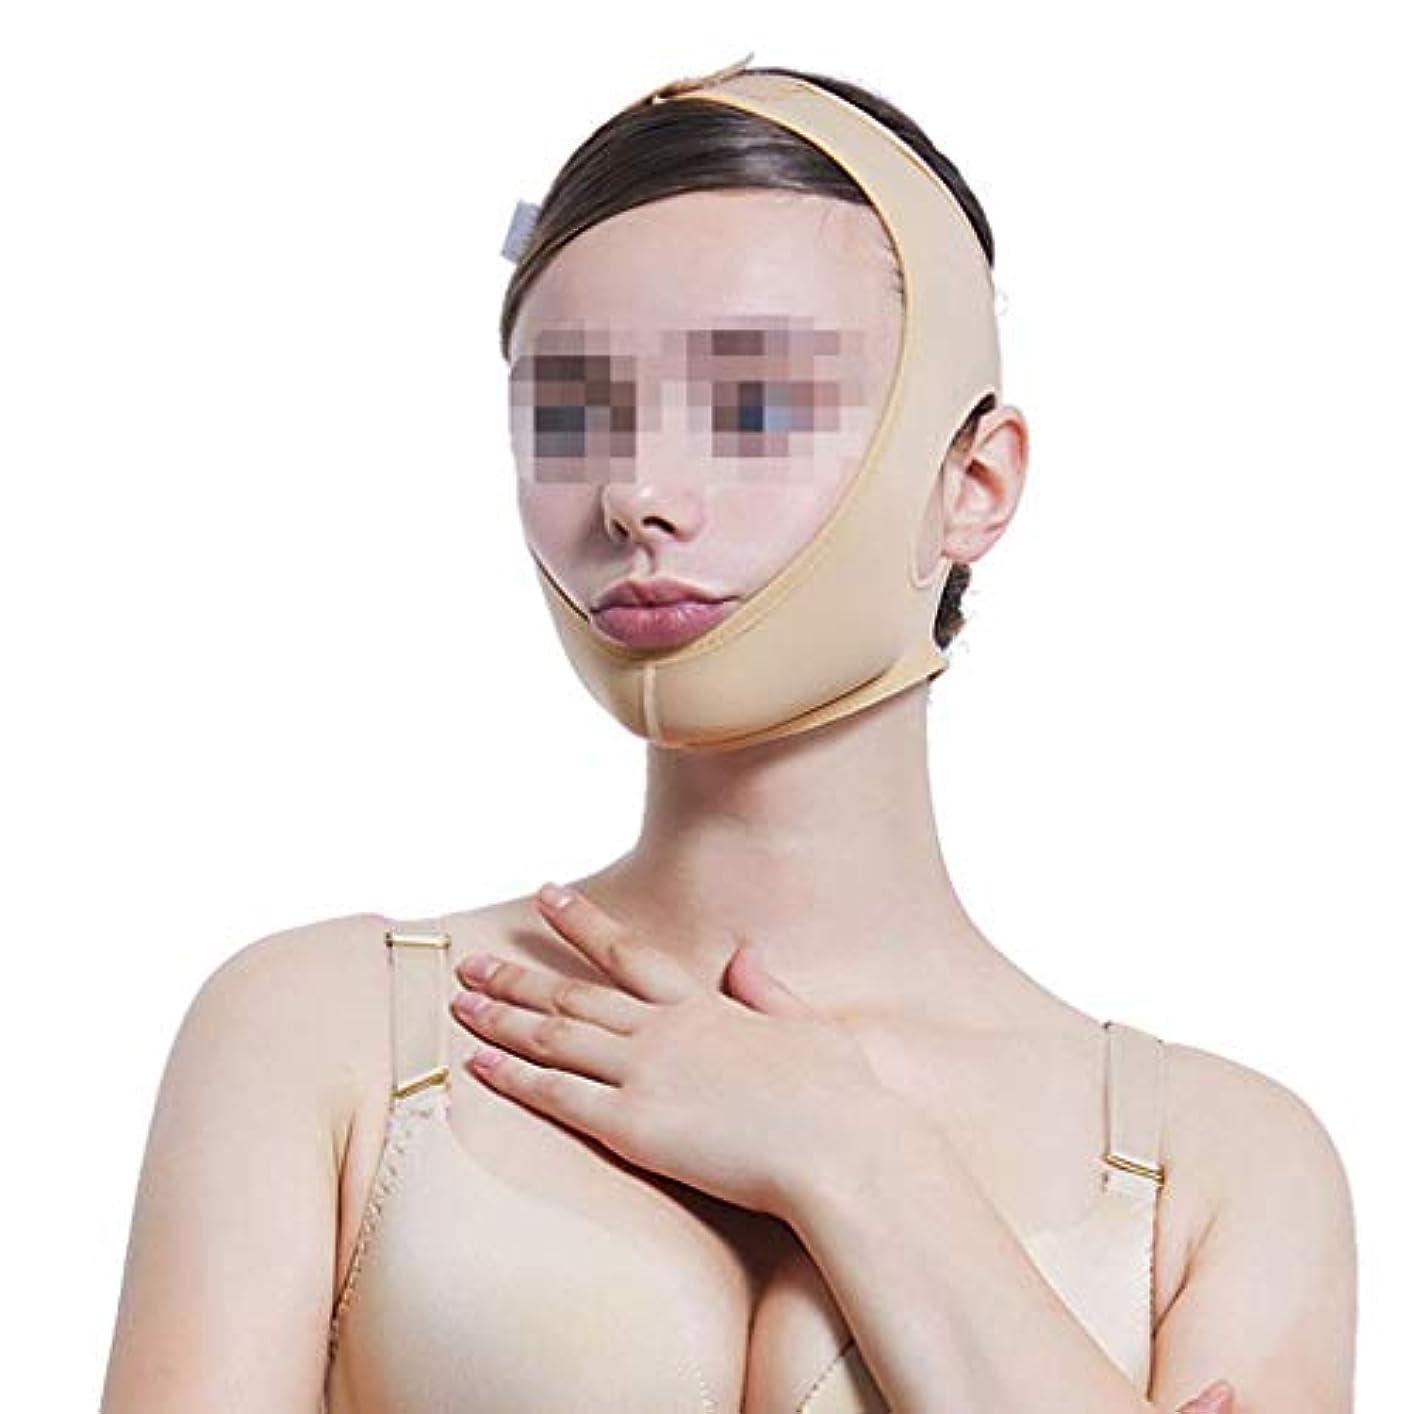 ナチュラワインすべきビームフェイス弾性ヘッドギア、ダブルあごのあごのセットをマスクの後に線彫り薄いフェイス包帯マルチサイズオプション(サイズ:XS),XL